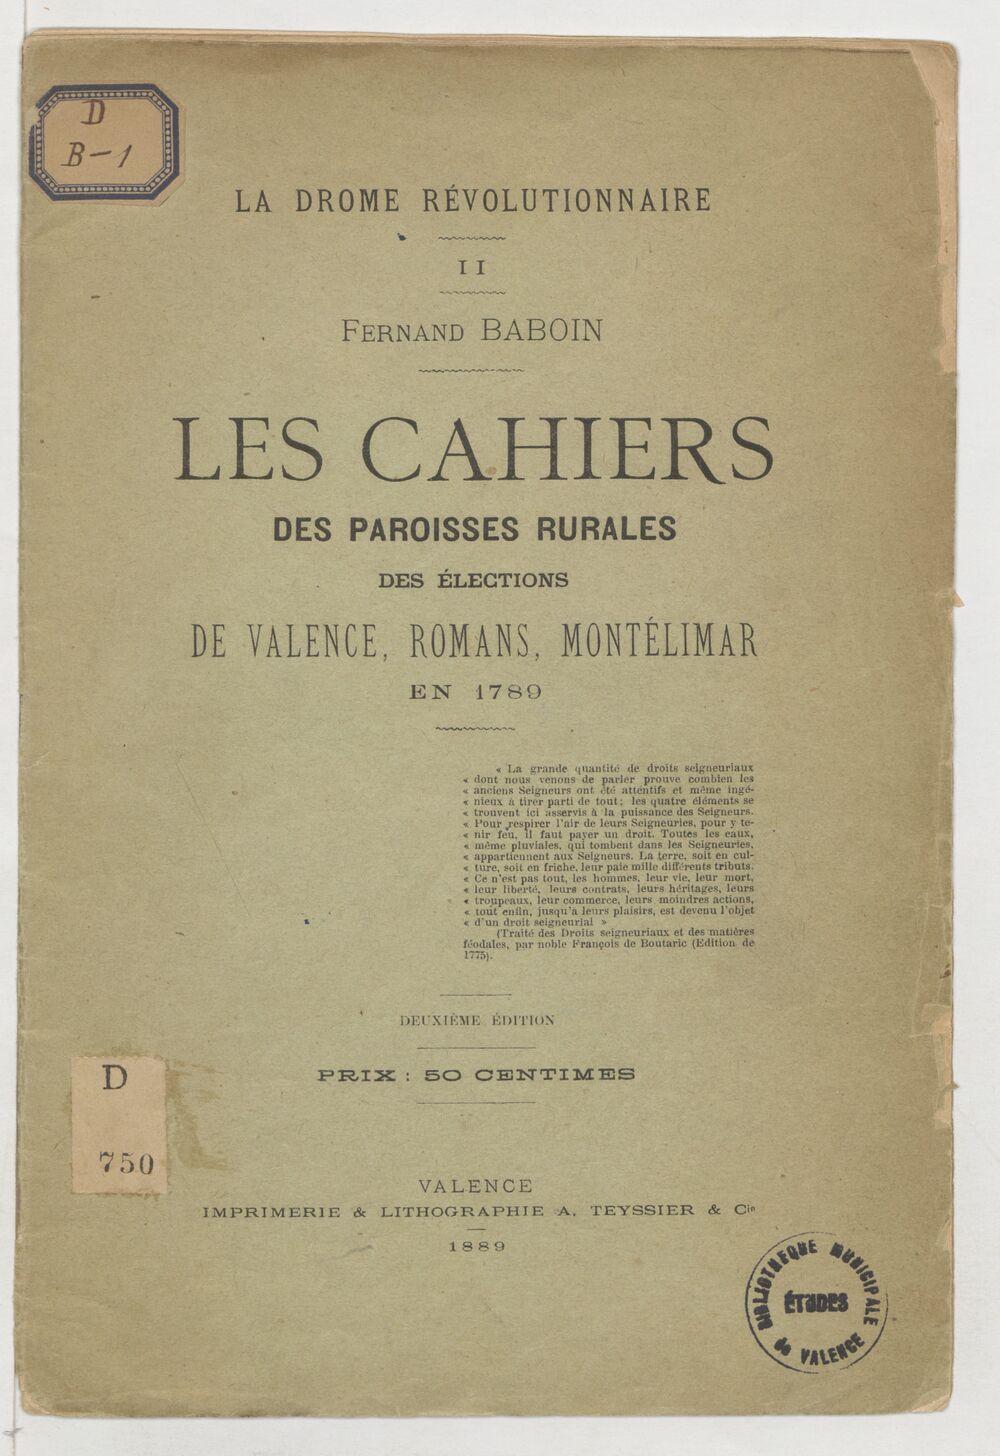 Les cahiers des paroisses rurales des élections de Valence, Romans, Montélimar en 1789 / Fernand Baboin